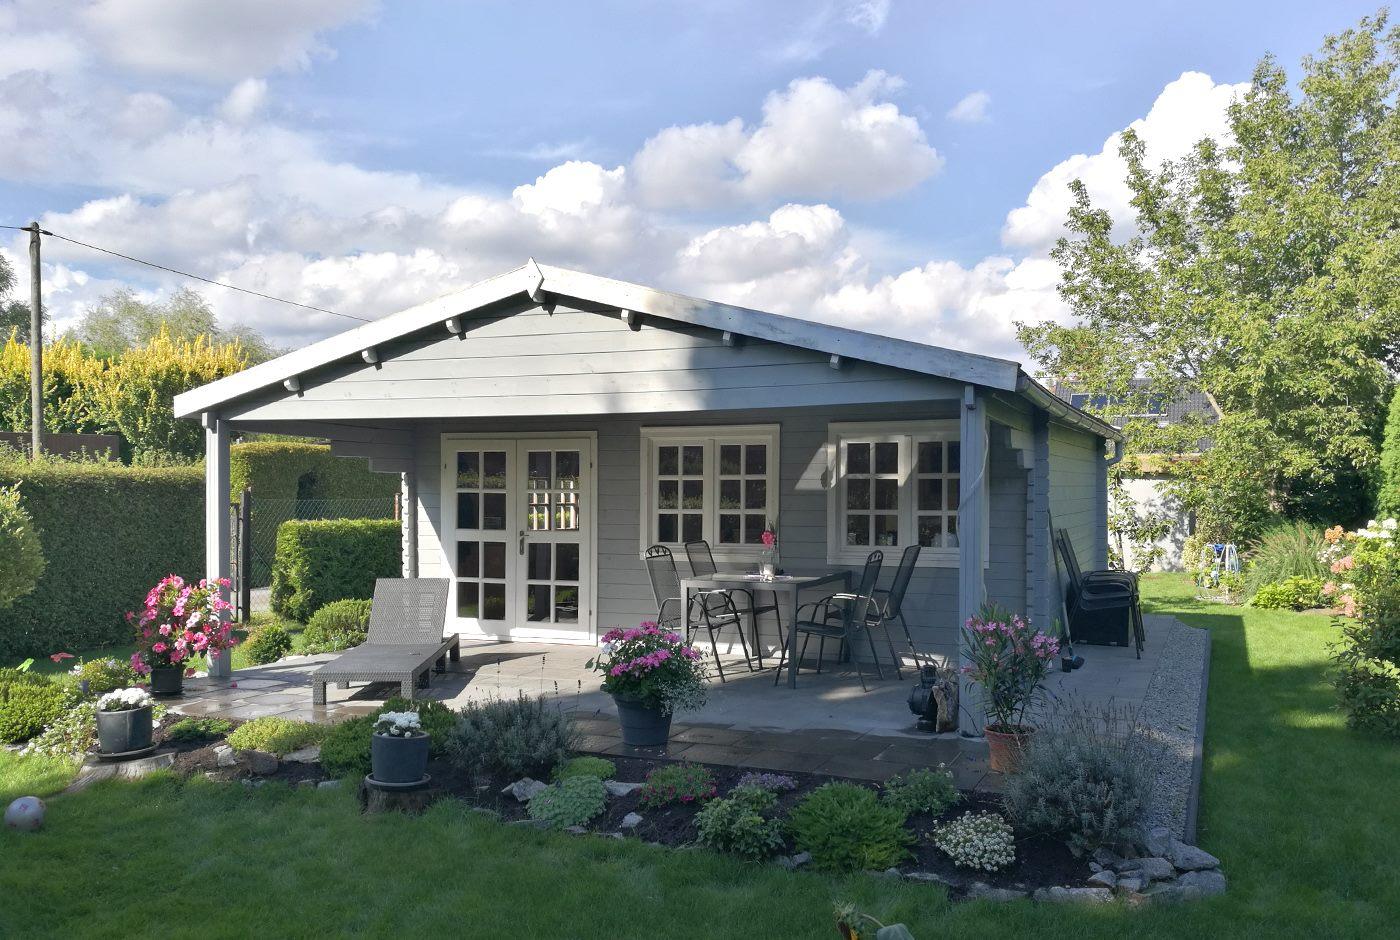 Gartenhaus Wird Zum Ferienhaus Im Garten Urlaub Machen